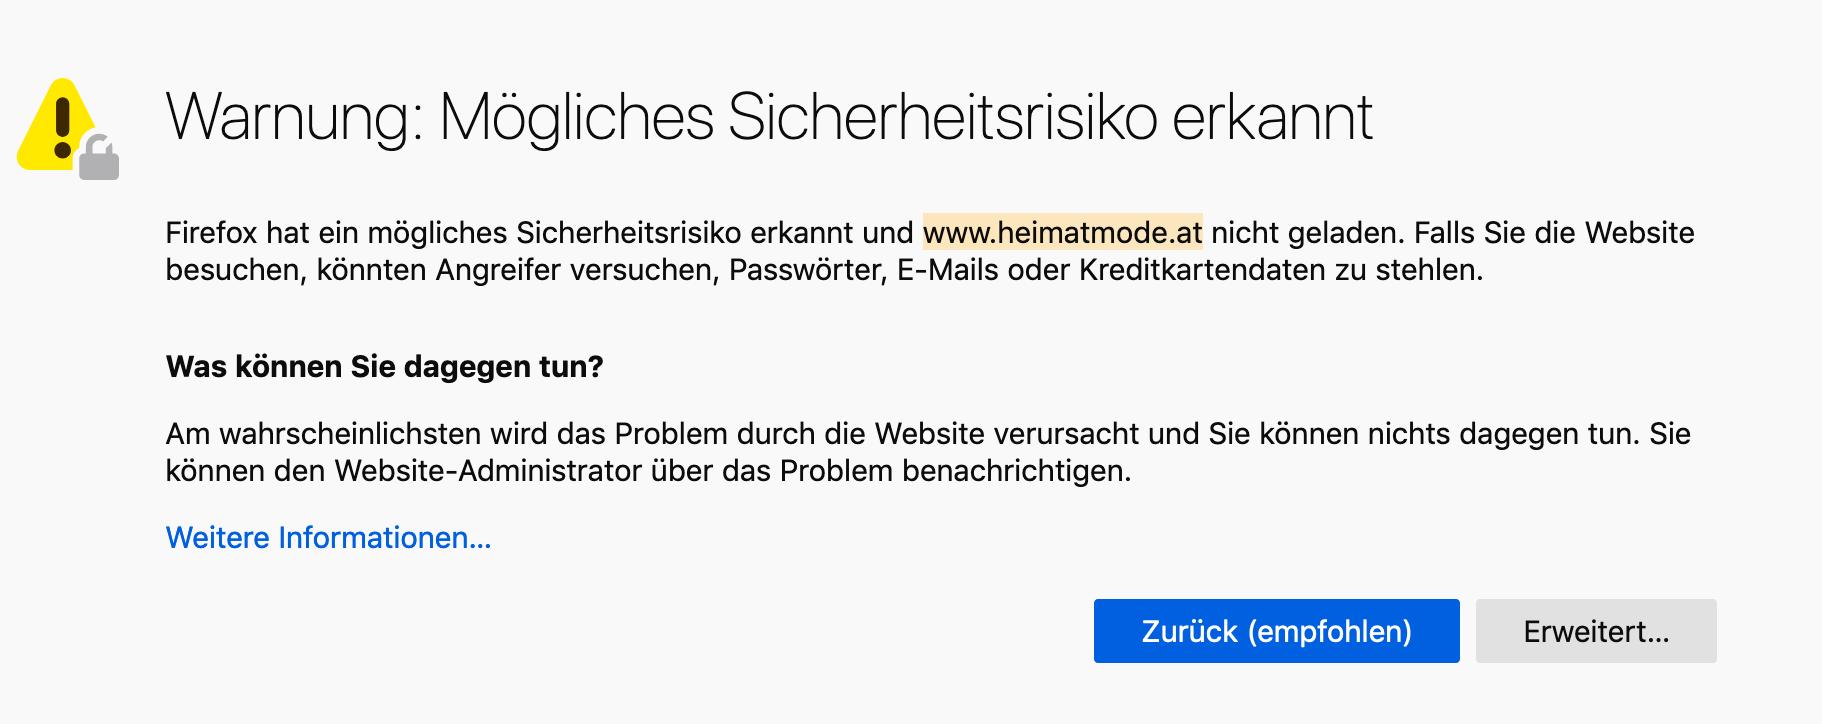 """""""Heimatmode"""" als Sicherheitsrisiko: Falls Sie die Website besuchen, könnten Angreifer versuchen, Passwörter, E-Mails oder Kreditkartendaten zu stehlen."""